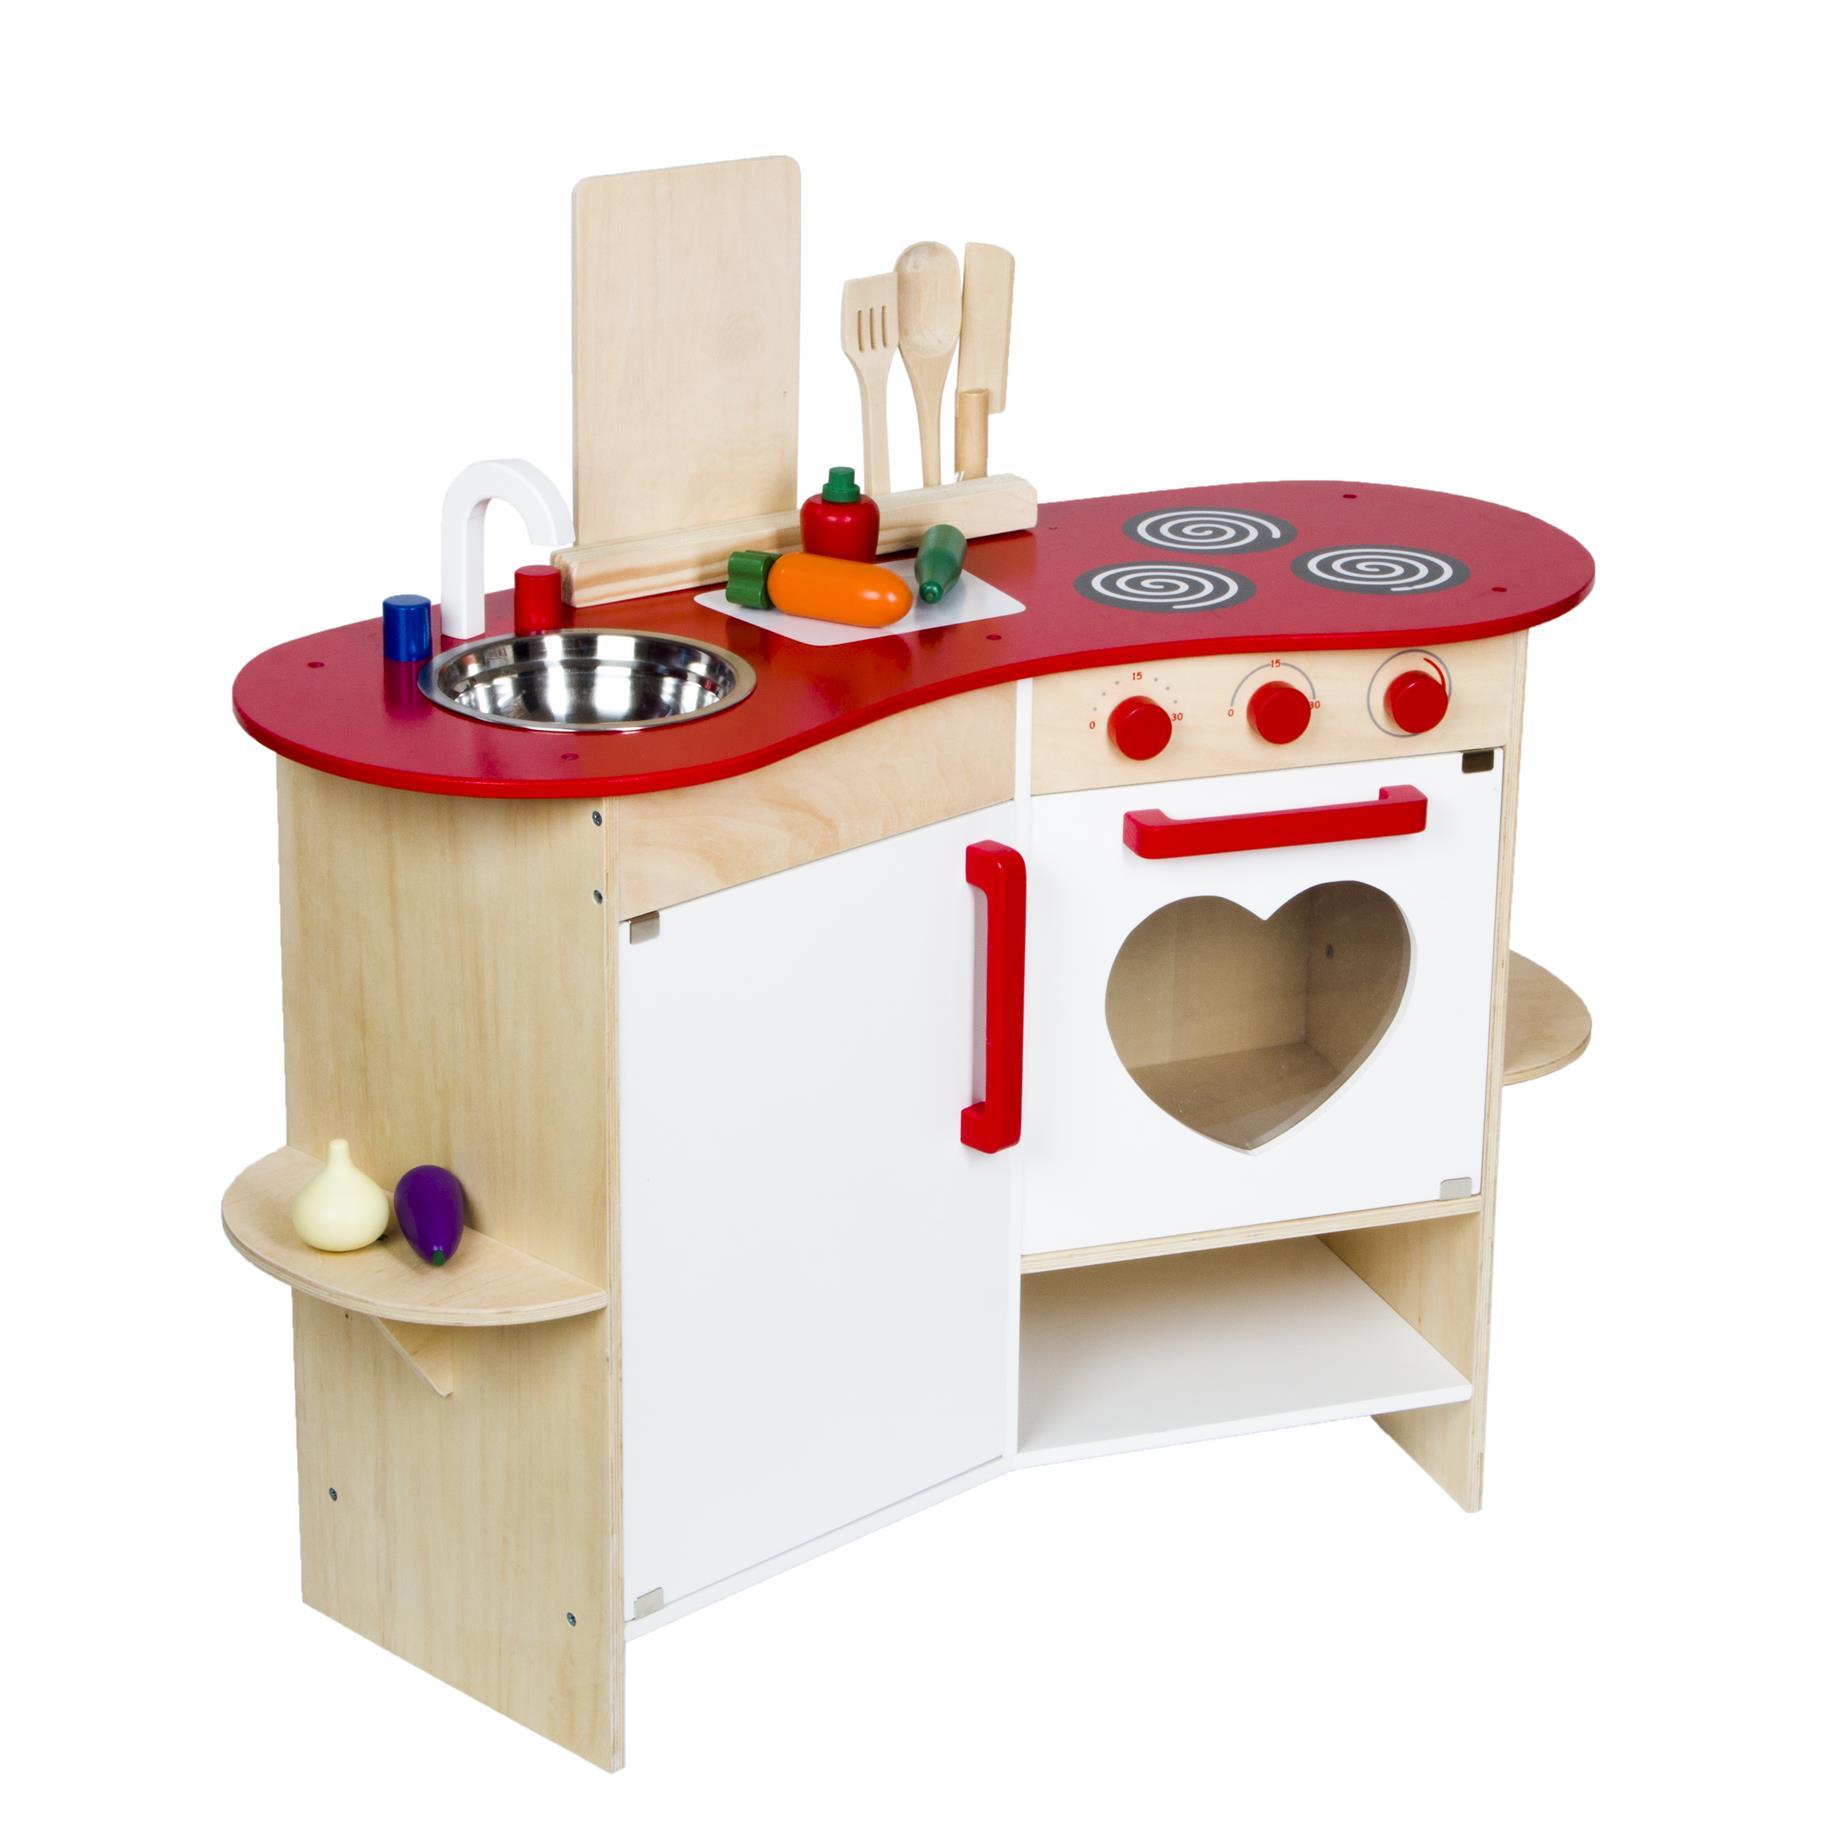 Wooden Kitchen Playset Malaysia - Kitchen Ideas